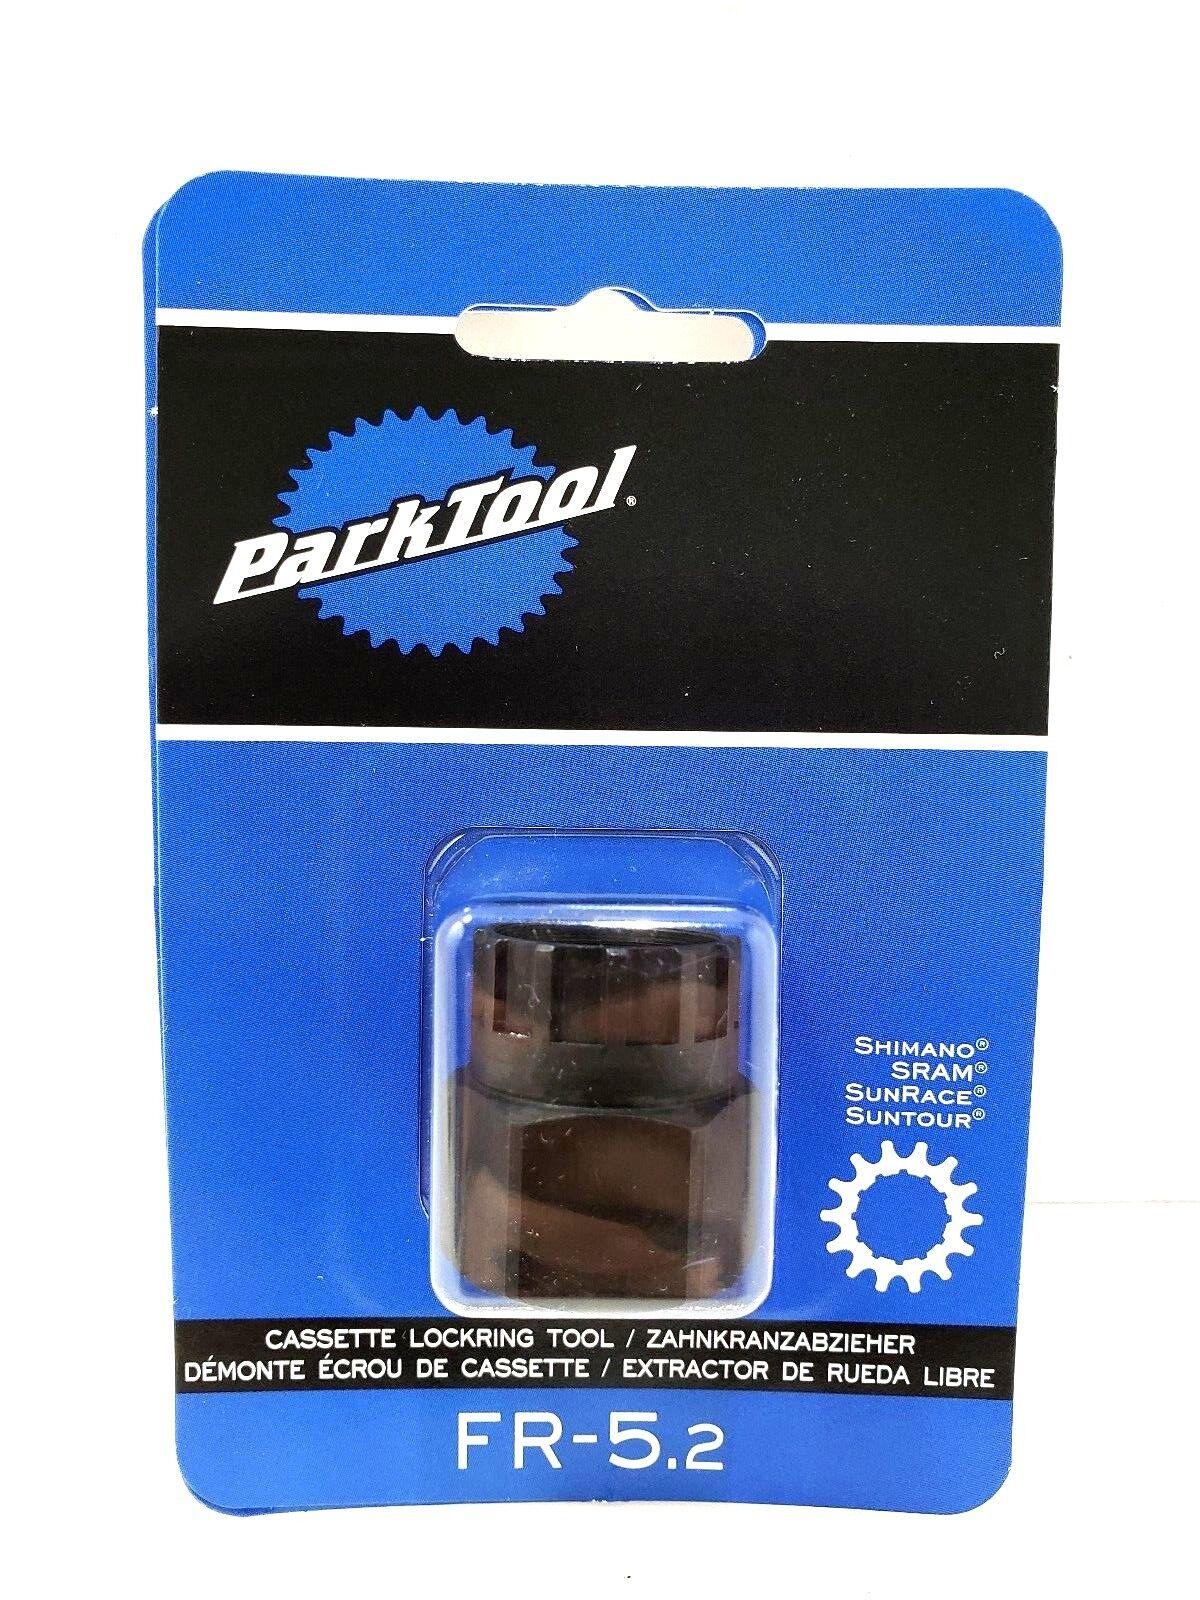 Park Tool FR-5.2 Bicicleta Cassette lockring COG herramienta de eliminación se adapta Shimano Sram XX1